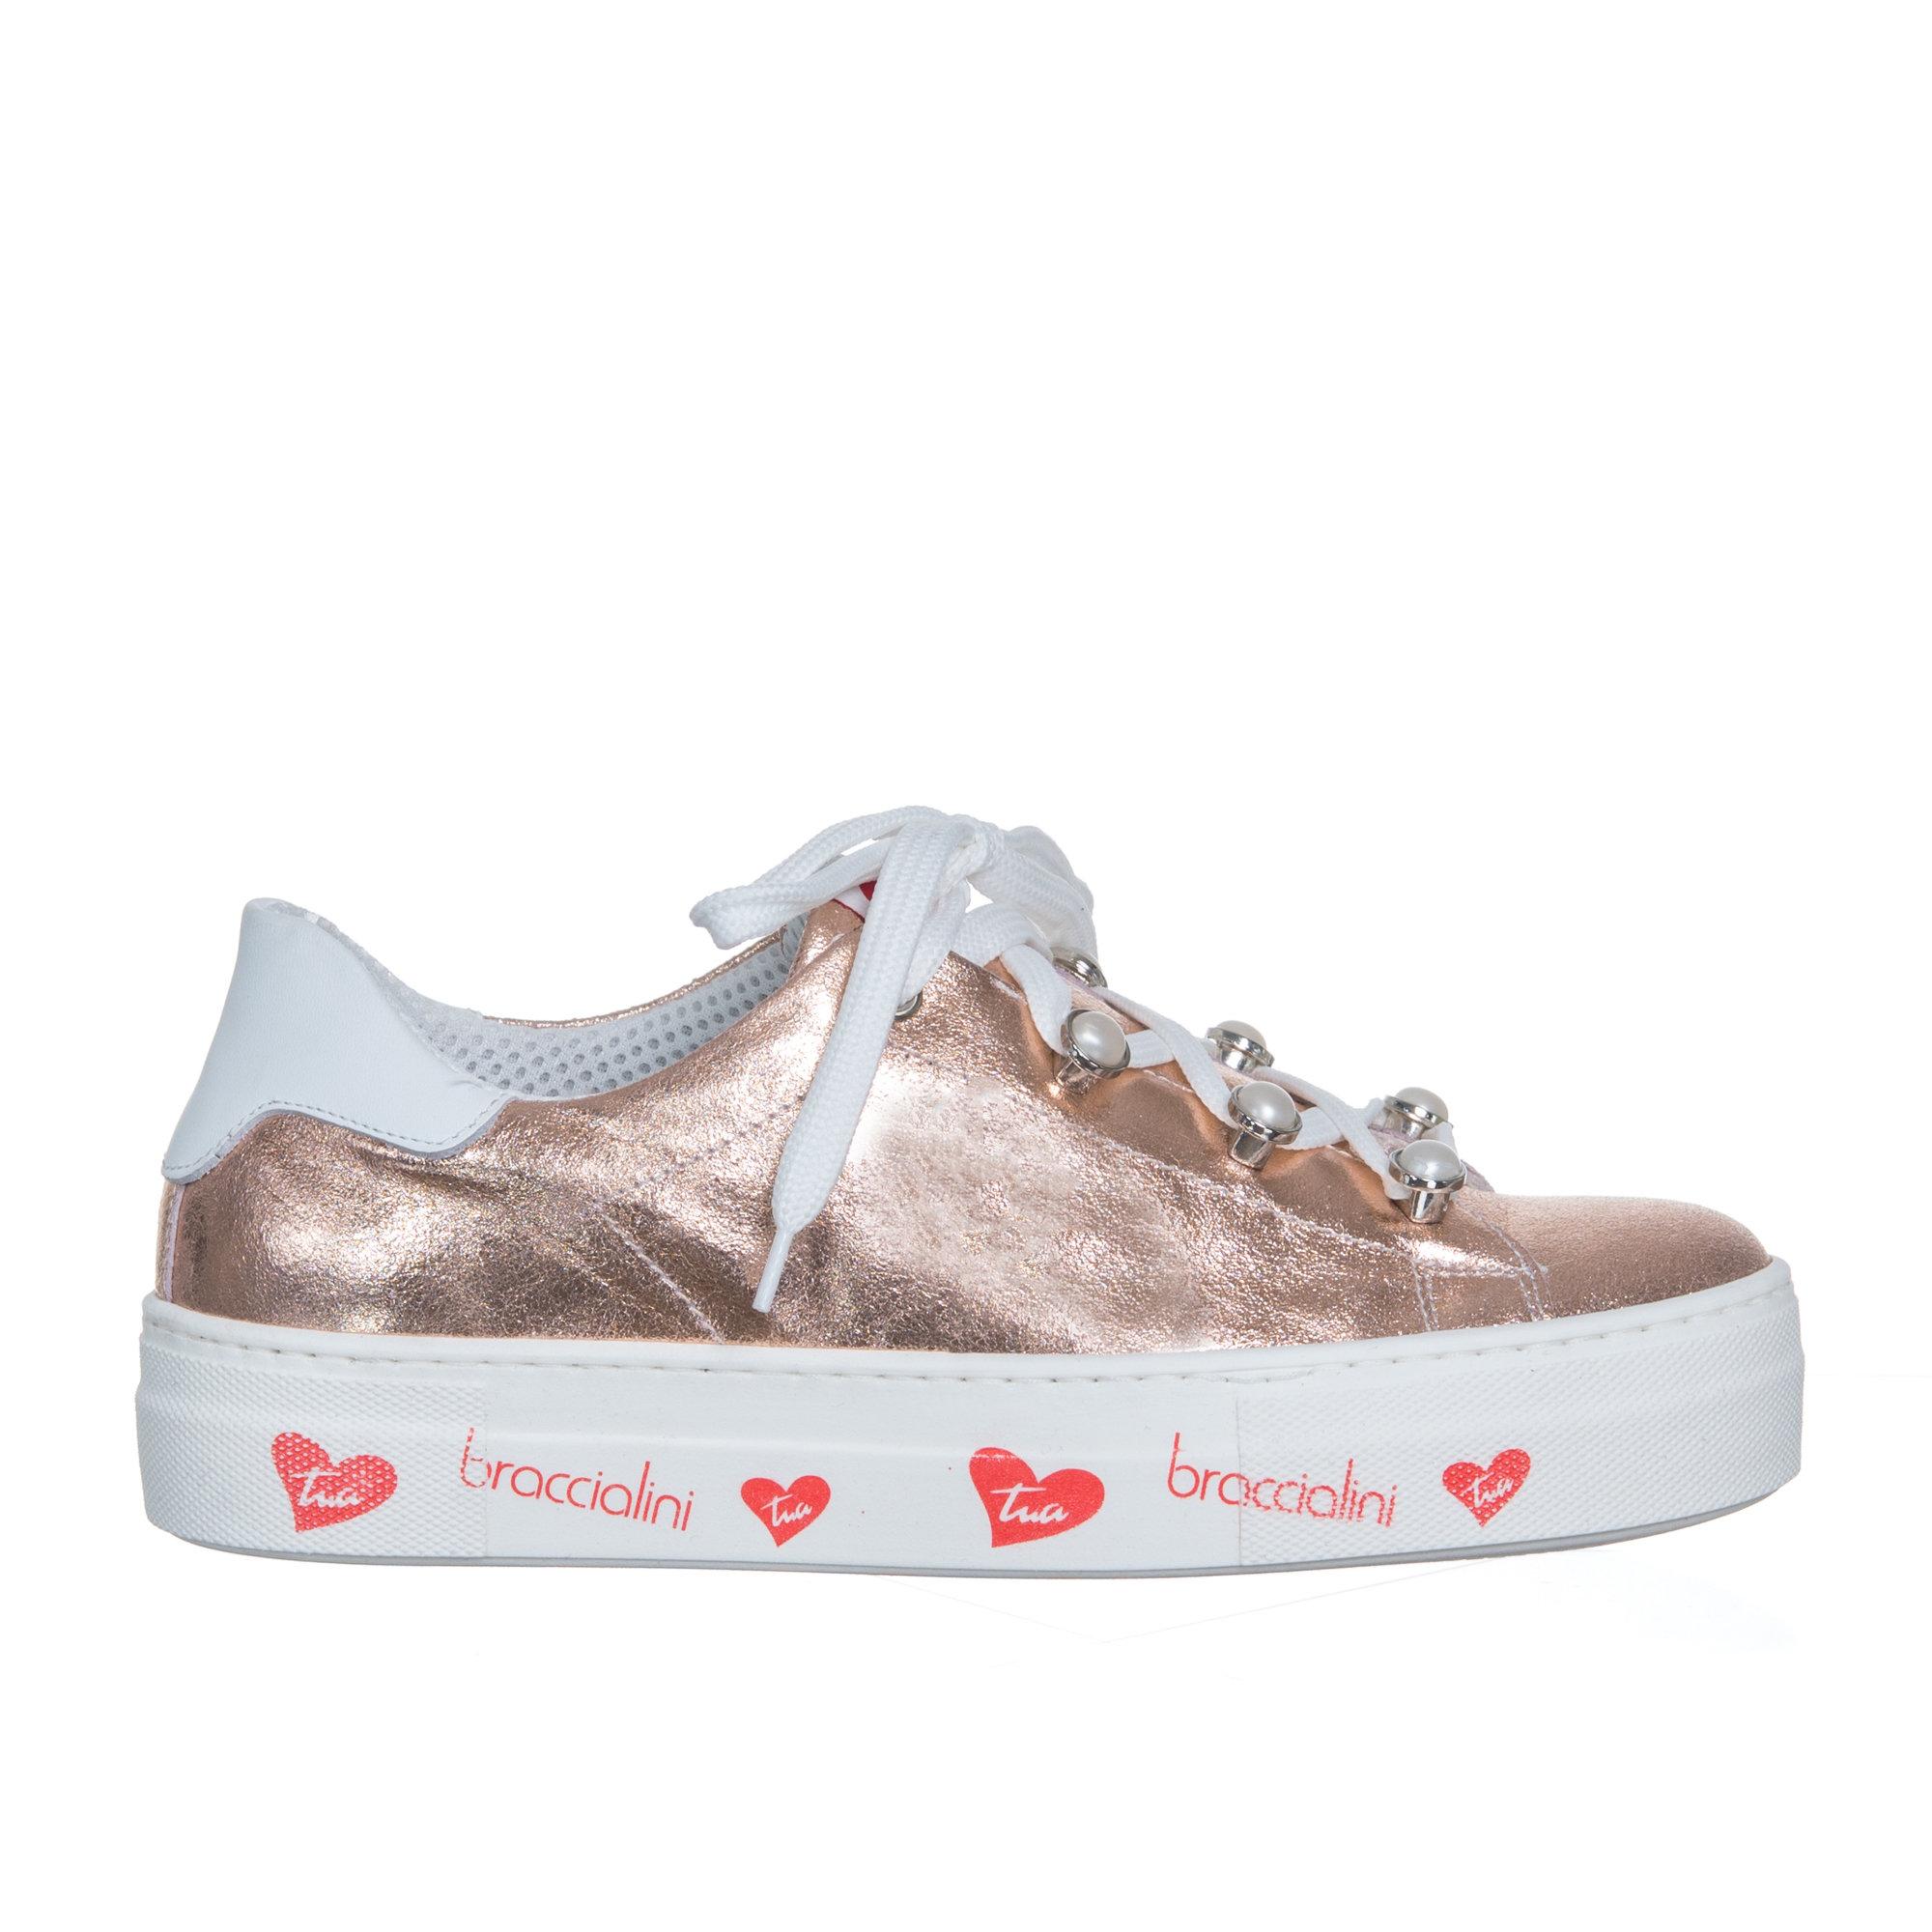 size 40 3dcc1 e8142 Sneakers con suola decorata, rame - Braccialini Scarpe - Acquista su Ventis.